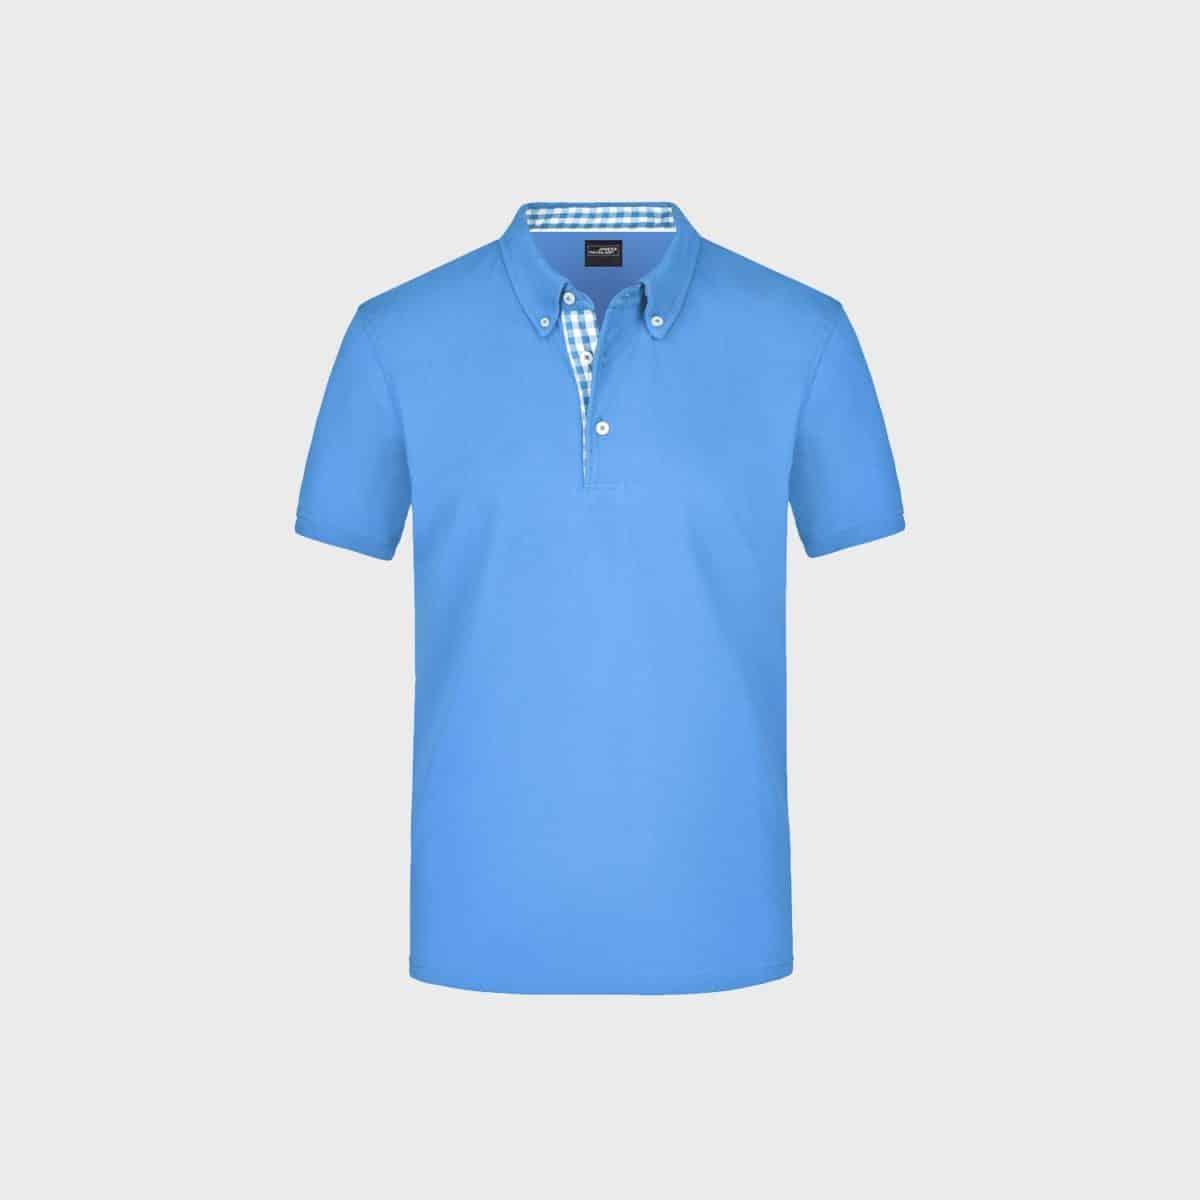 plain-polo-t-shirt-button-down-herren-glacierblue-glacierblue-white-kaufen-besticken_stickmanufaktur